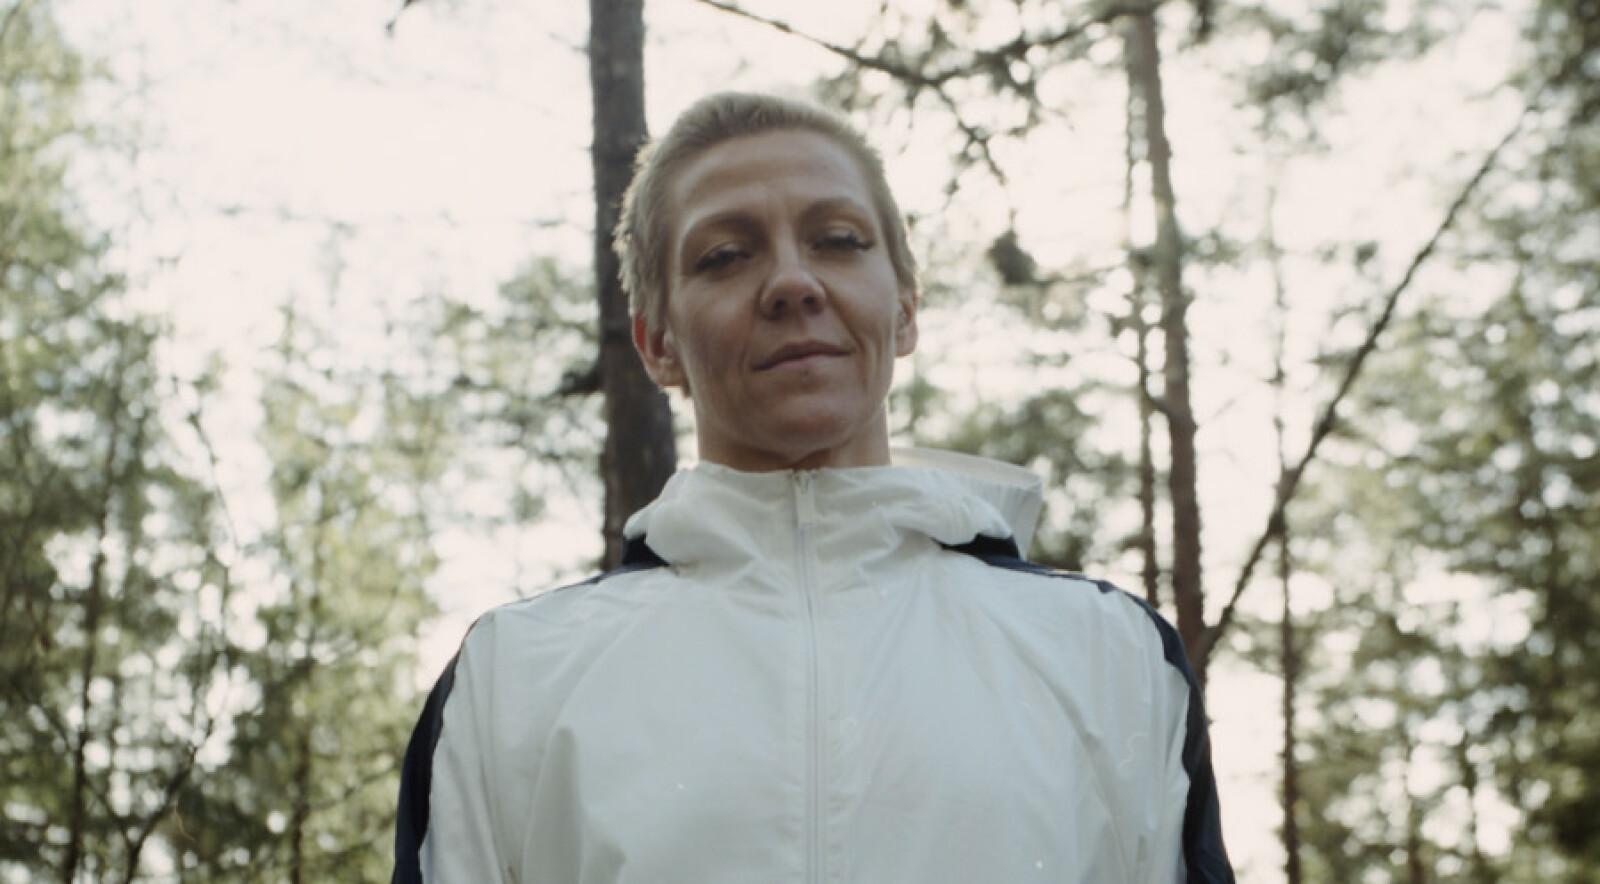 <strong>VEIEN VIDERE:</strong> For et knapt år siden fikk intensivsykepleier Monica Arntzen påvist kreft i hodet. FOTO: Adidas